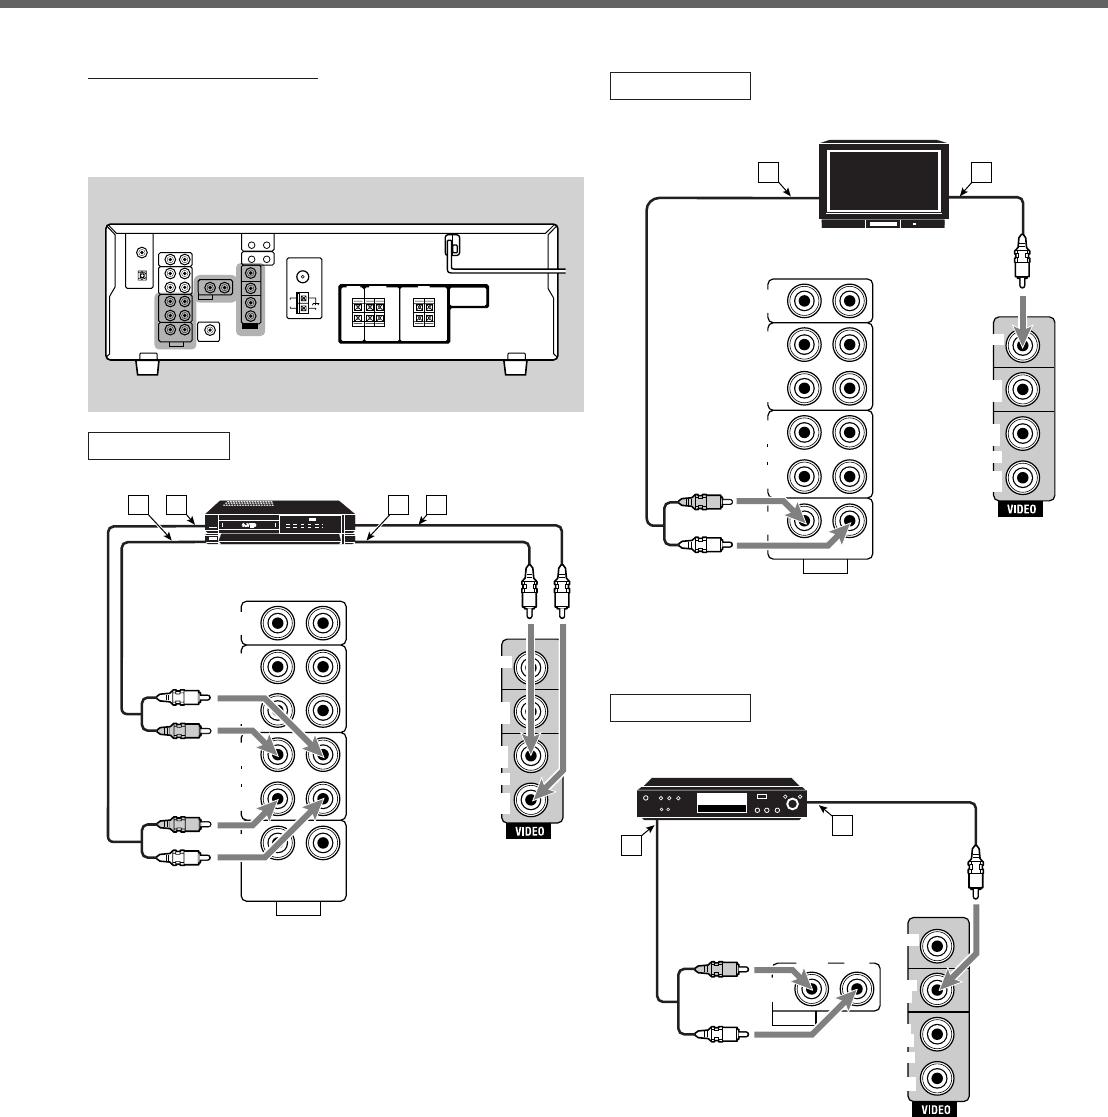 JVC RX 5032VSL User Manual LVT0984 006A